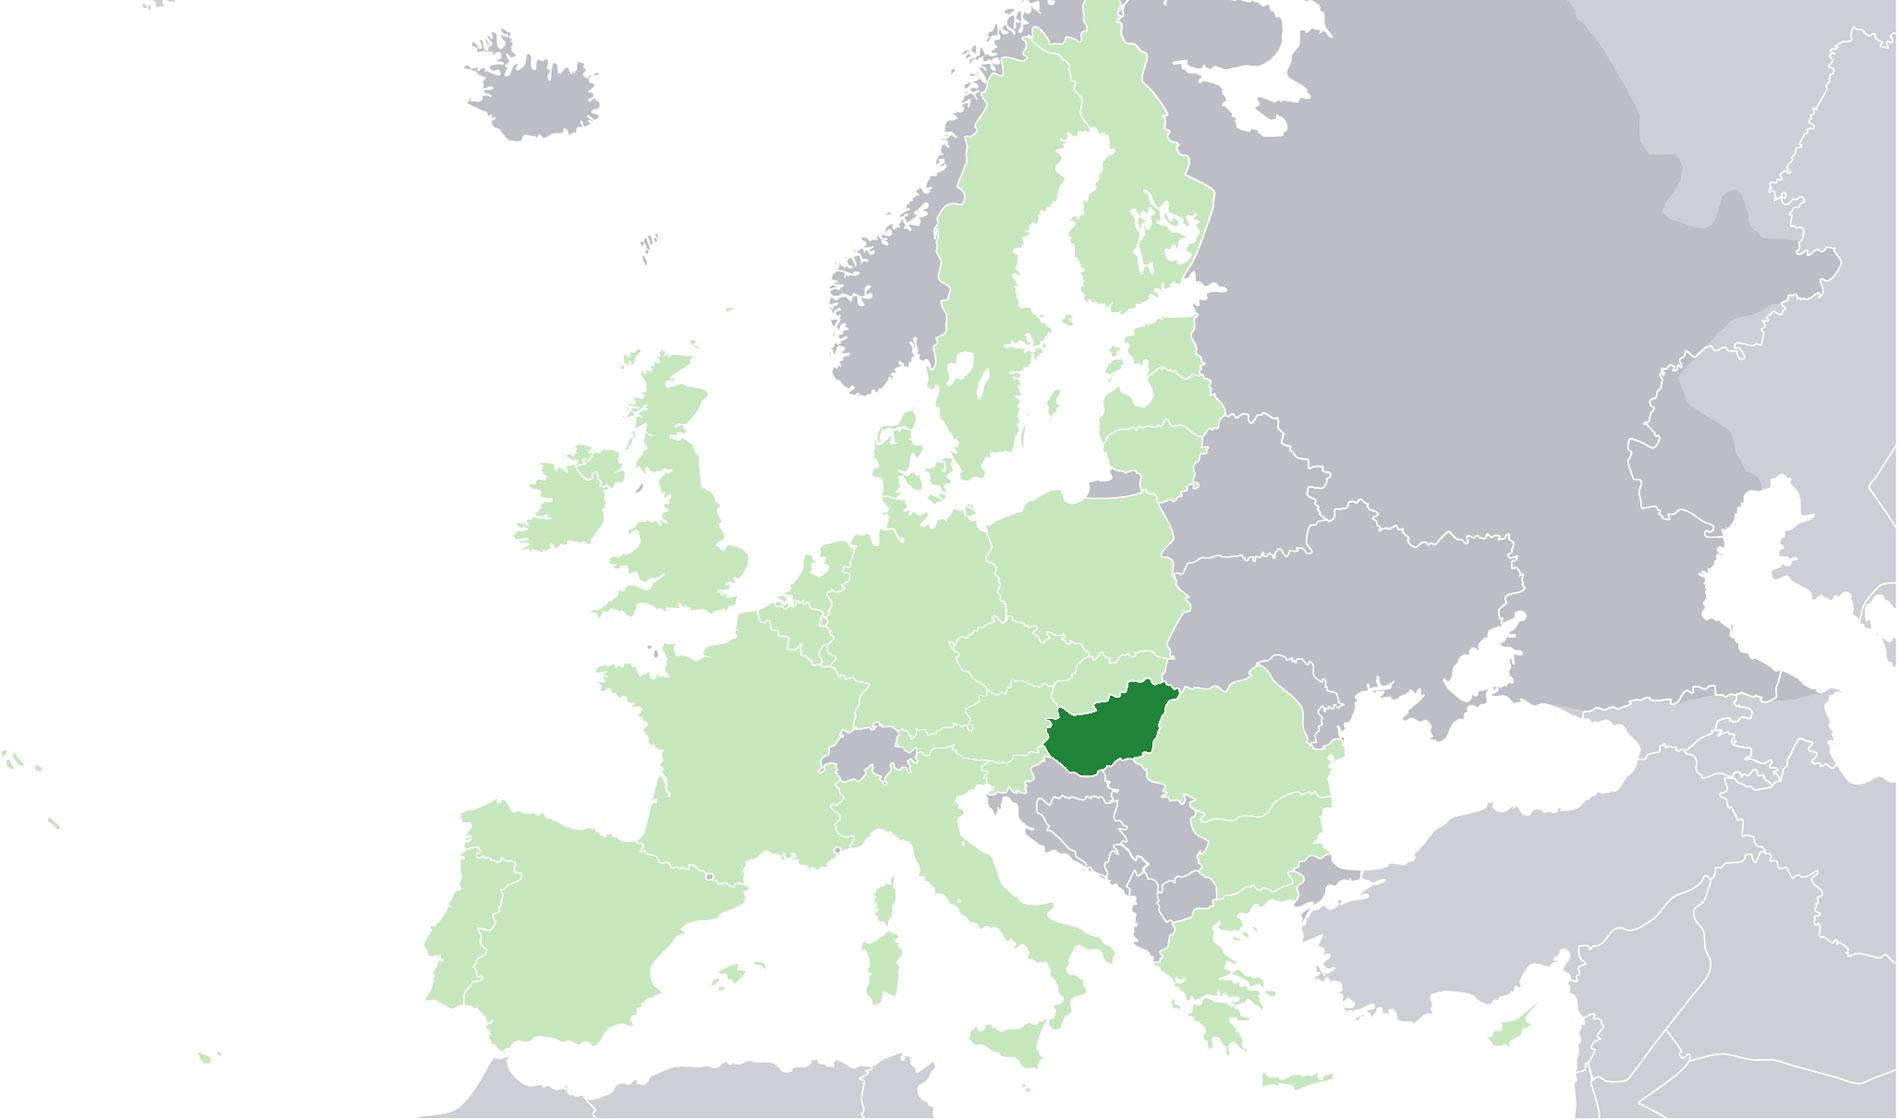 Localización geográfica de Hungría